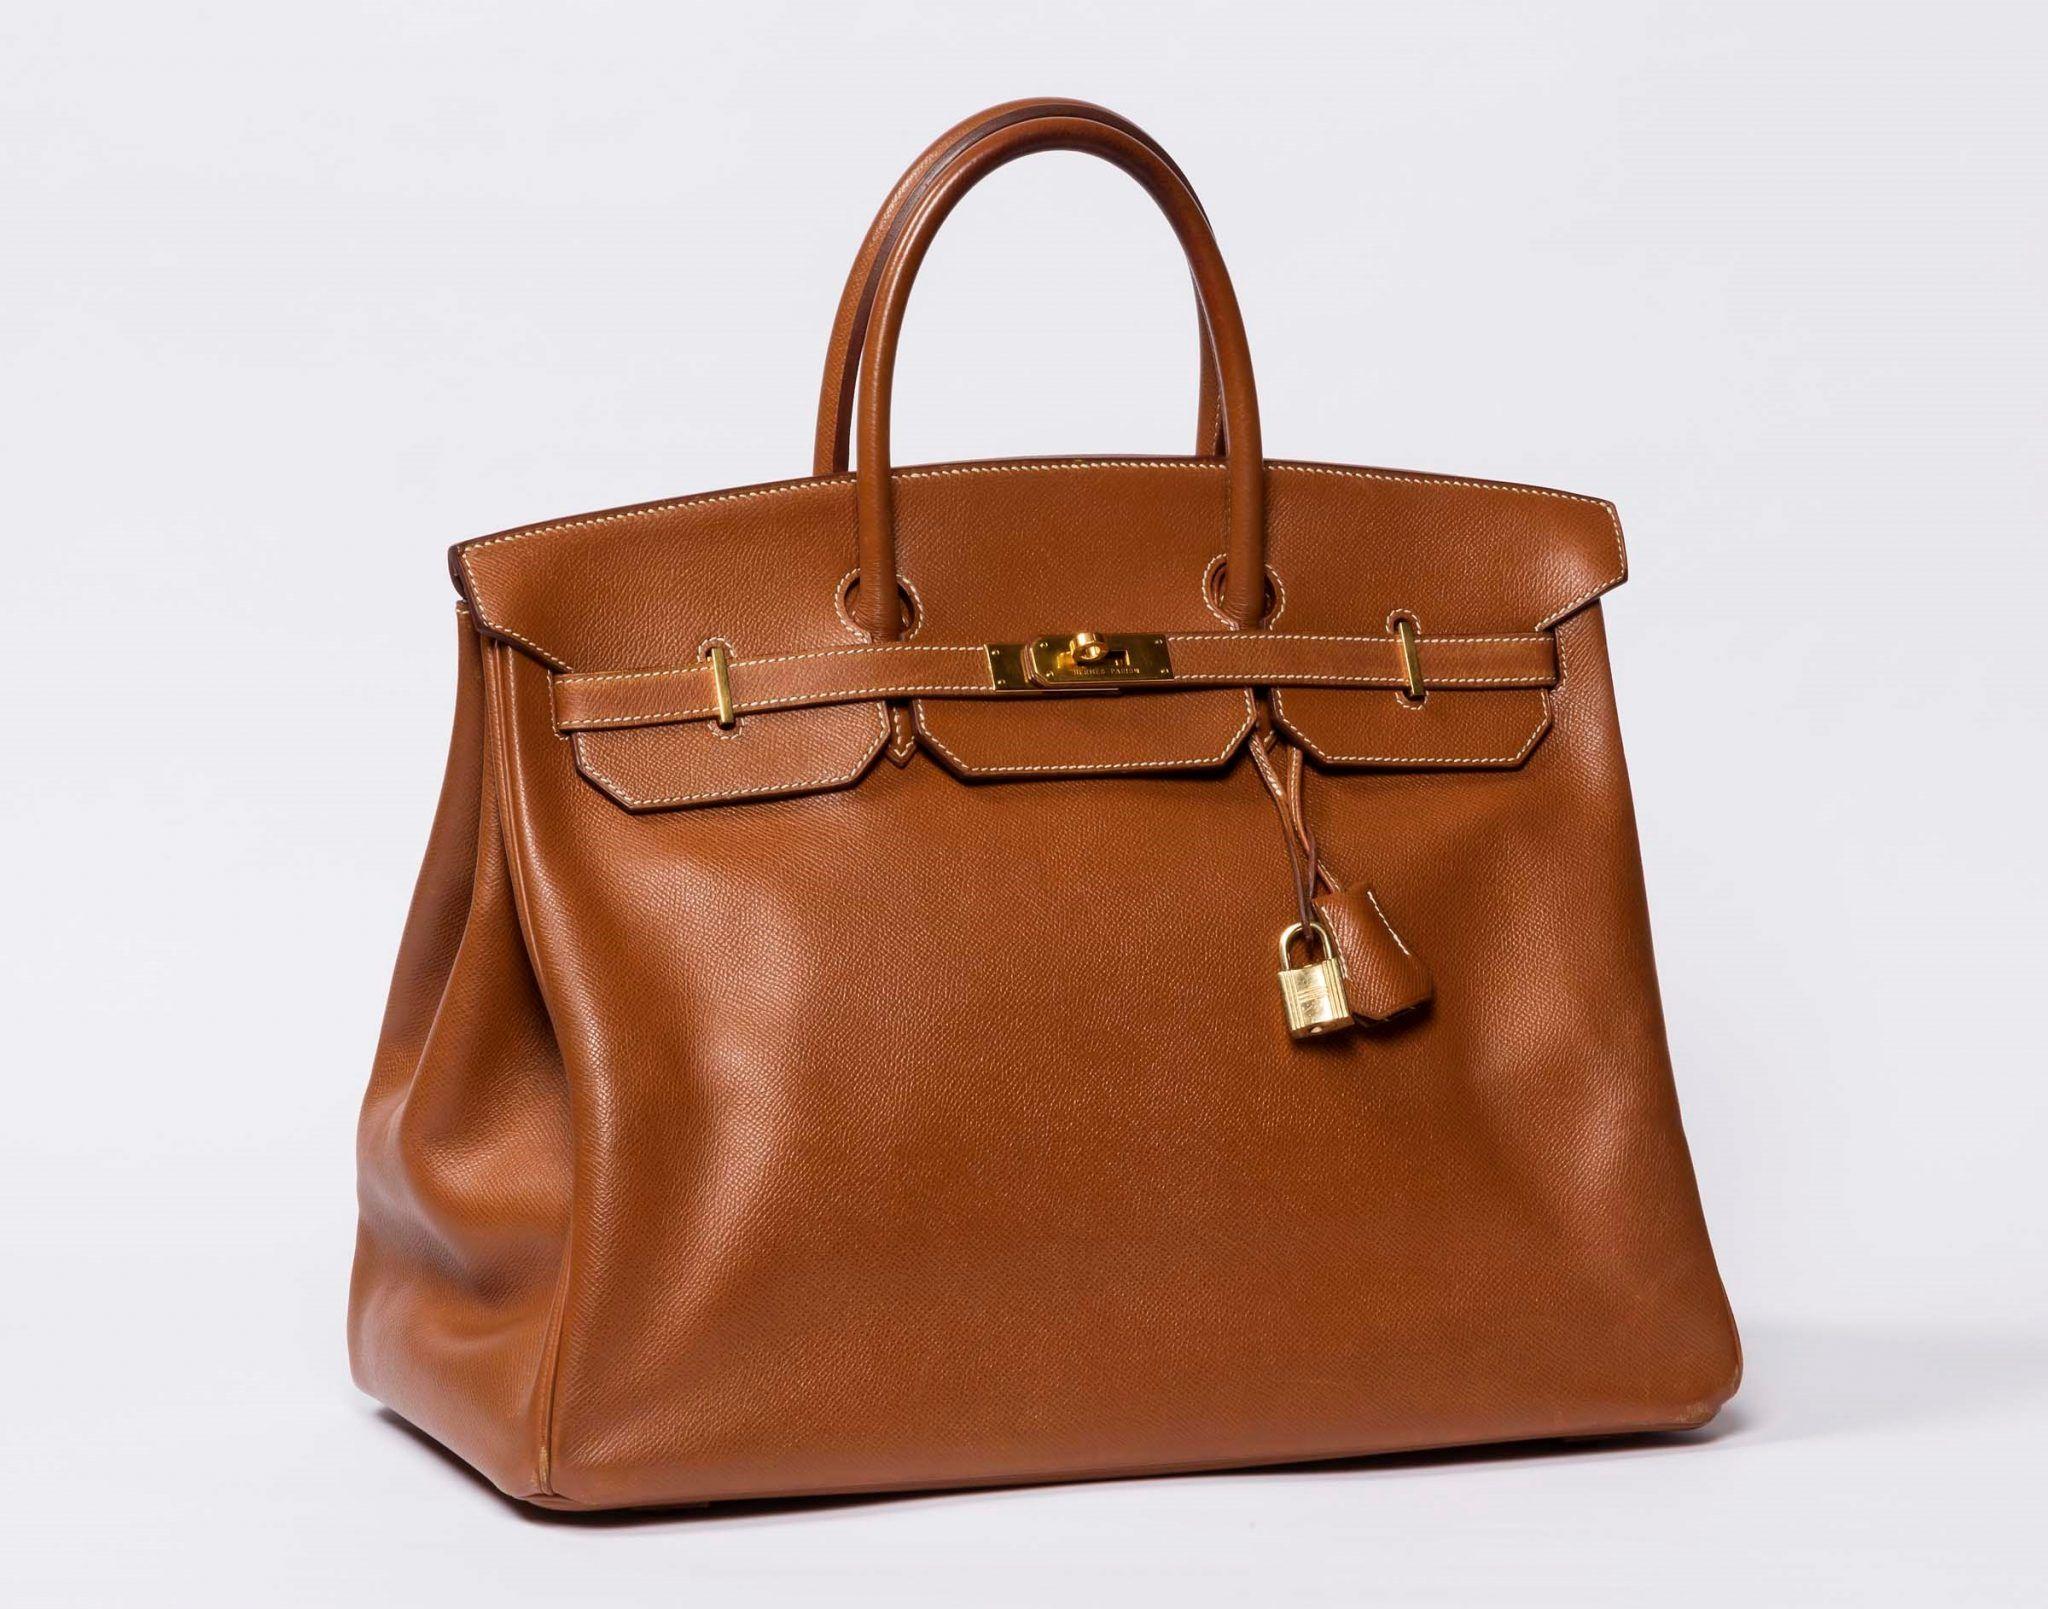 Gioielli, Vintage e Bijoux all'asta da Cambi a Milano